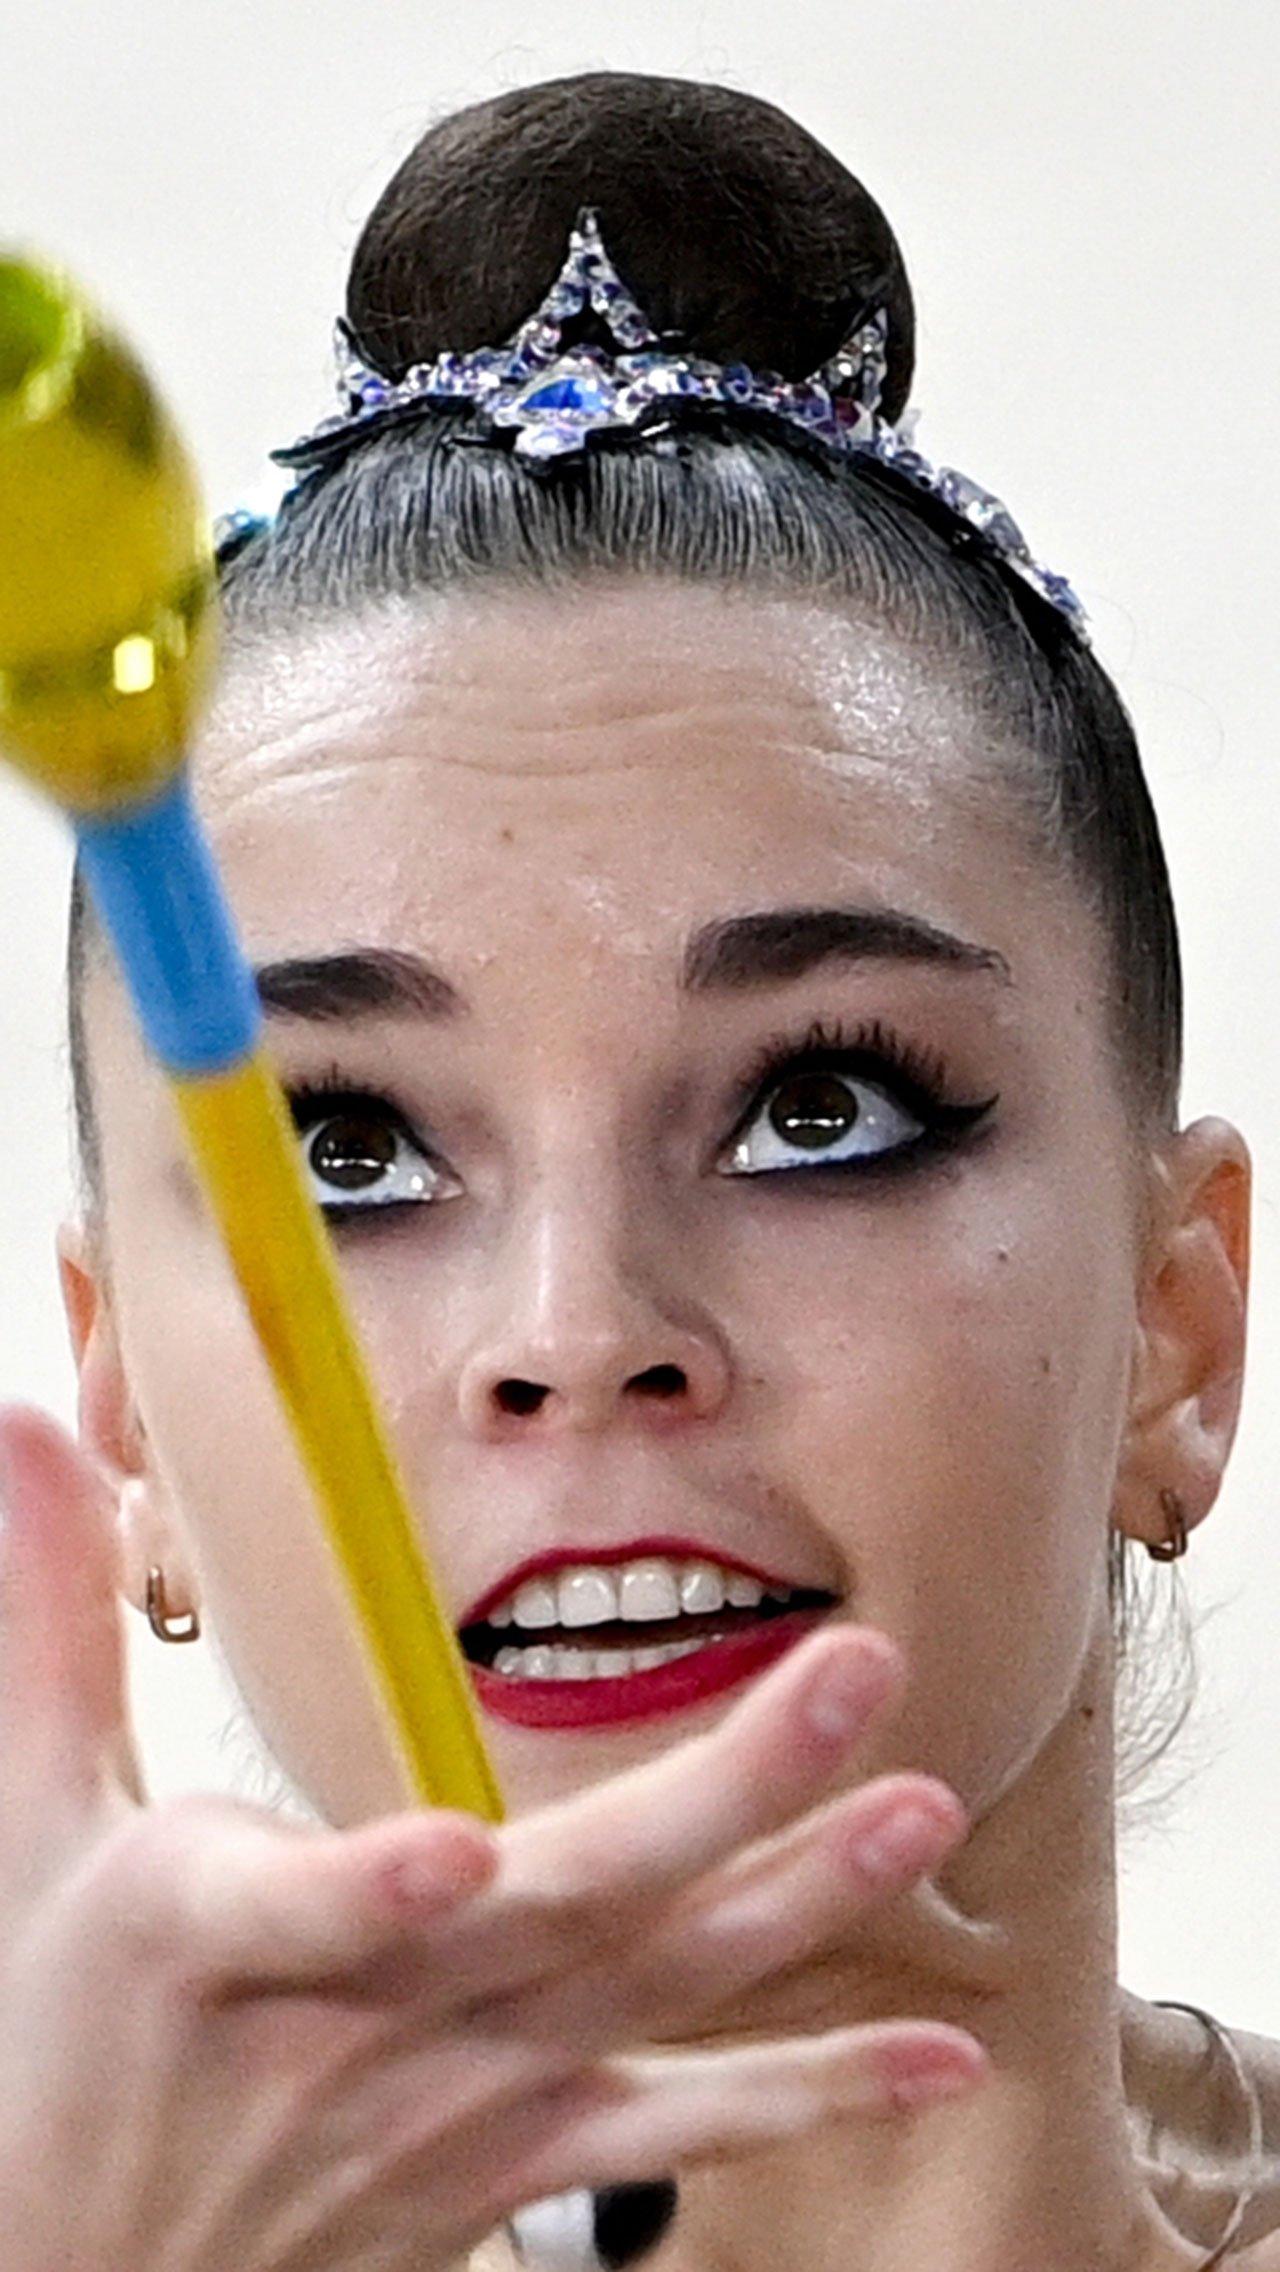 В сумме Дина получила космические 111,65 балла. Лала Крамаренко стала второй с отставанием в 6,9 балла. Бронза — у словенки российского происхождения Екатерины Веденеевой с 93,3 балла.